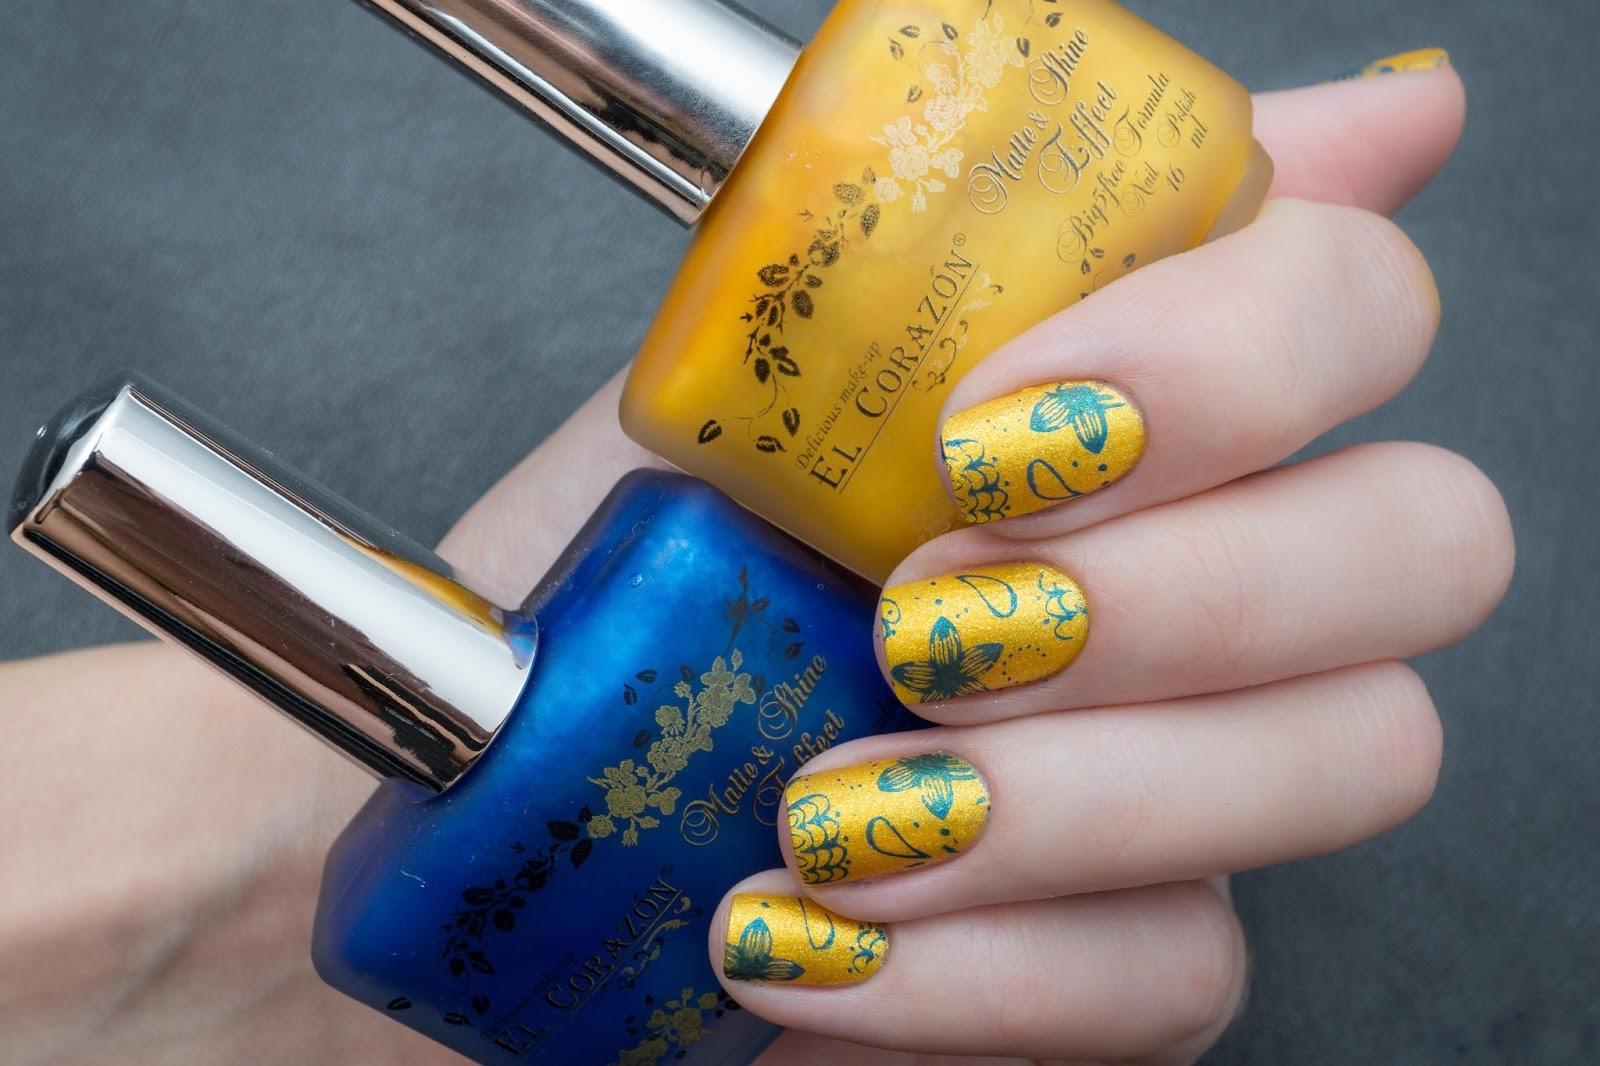 День Незалежності 2019: патріотичний манікюр для українських красунь (ФОТО)